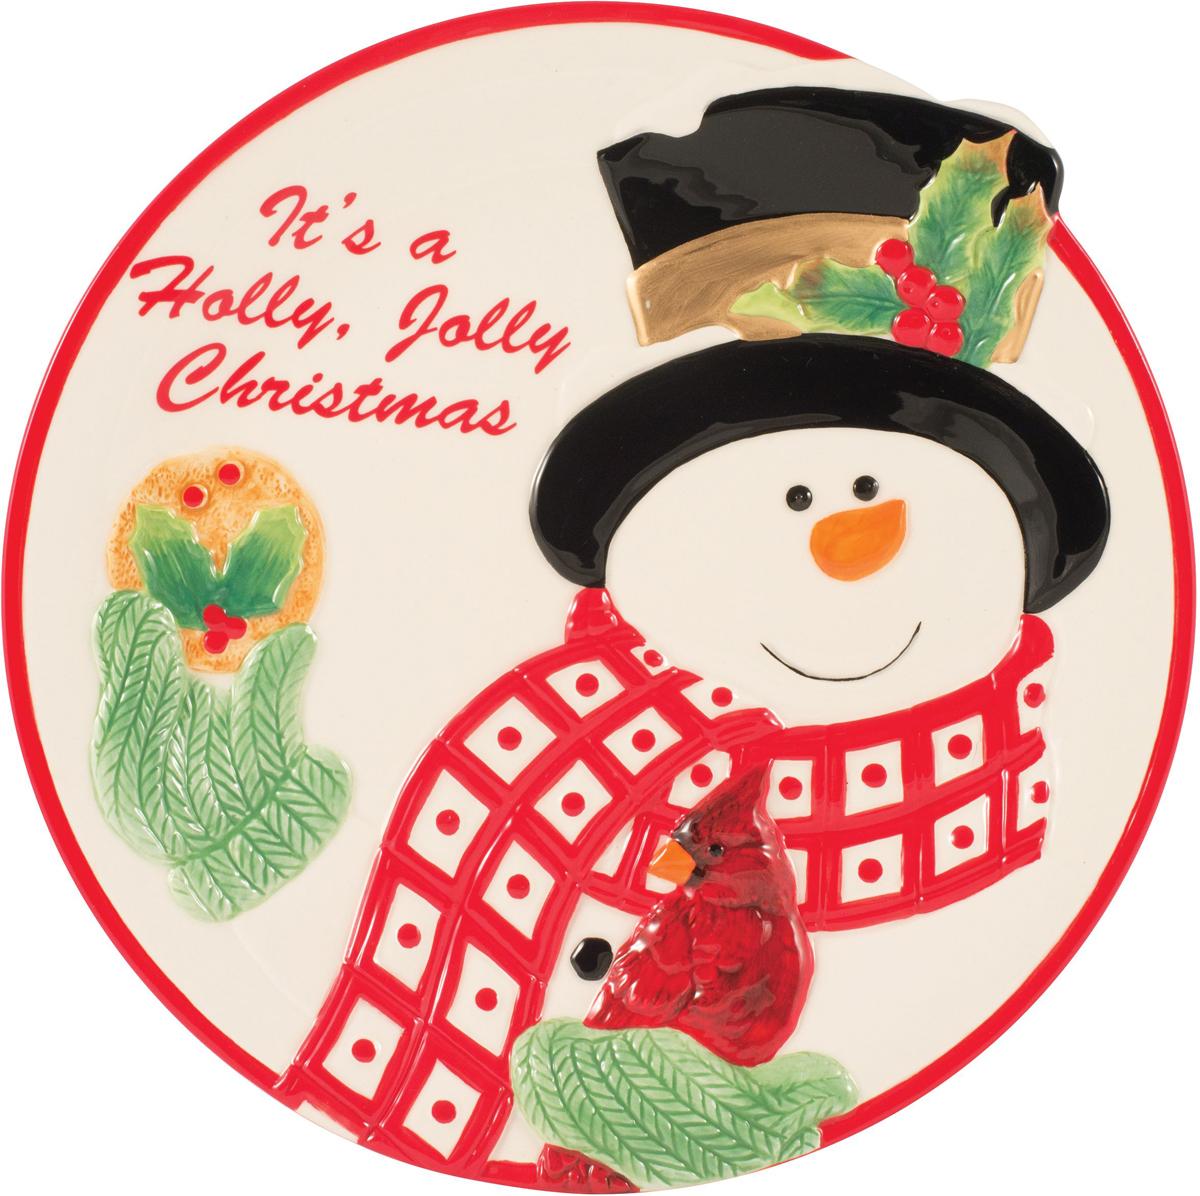 """Тарелка для печенья Fitz and Floyd """"Снеговик в лесу"""", изготовленная из  керамики, сочетает в себе  изысканный дизайн с максимальной функциональностью. Красочность  оформления придется по  вкусу тем,  кто предпочитает утонченность и изящность.  Оригинальная тарелка украсит сервировку вашего стола и подчеркнет  прекрасный вкус хозяйки, а  также станет отличным подарком.  Диаметр (по верхнему краю): 25 см."""